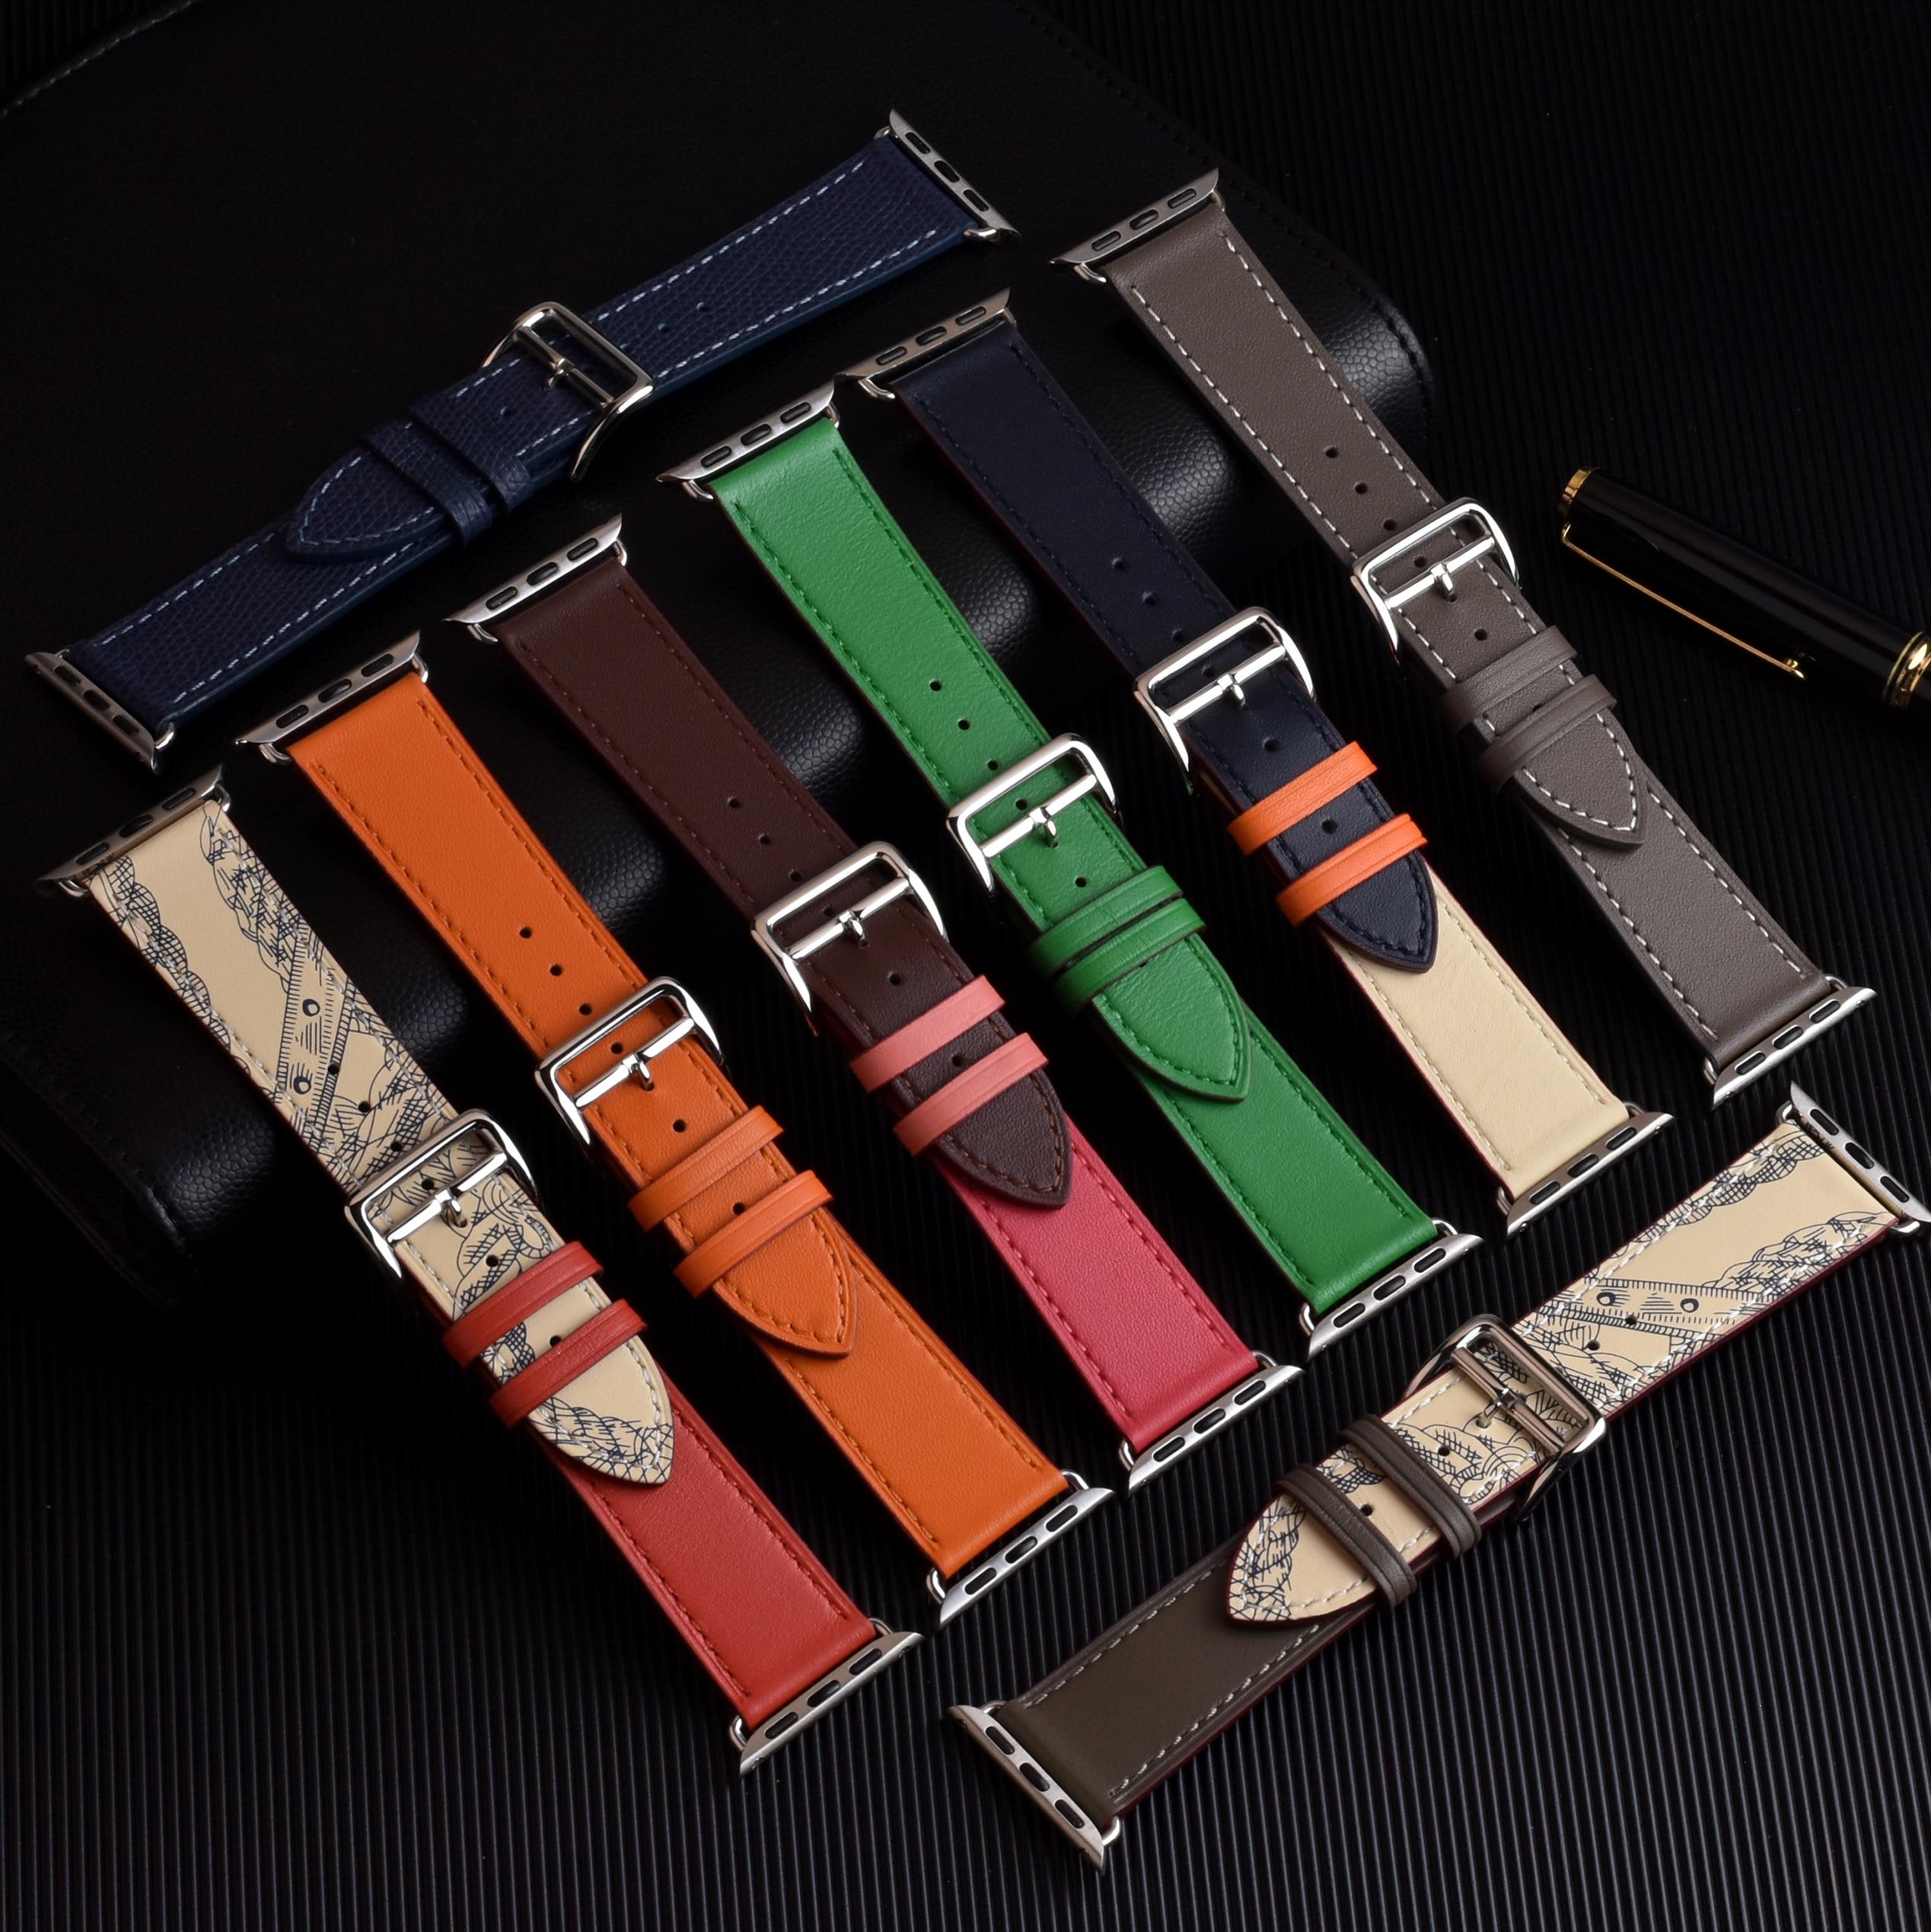 Cinturino cinturino cinturino in vera pelle di mucca 100% per Apple Watch 6 SE 5 4 42MM 38MM 44MM 40MM cinturino per iWatch 6 5 4 cinturino 2